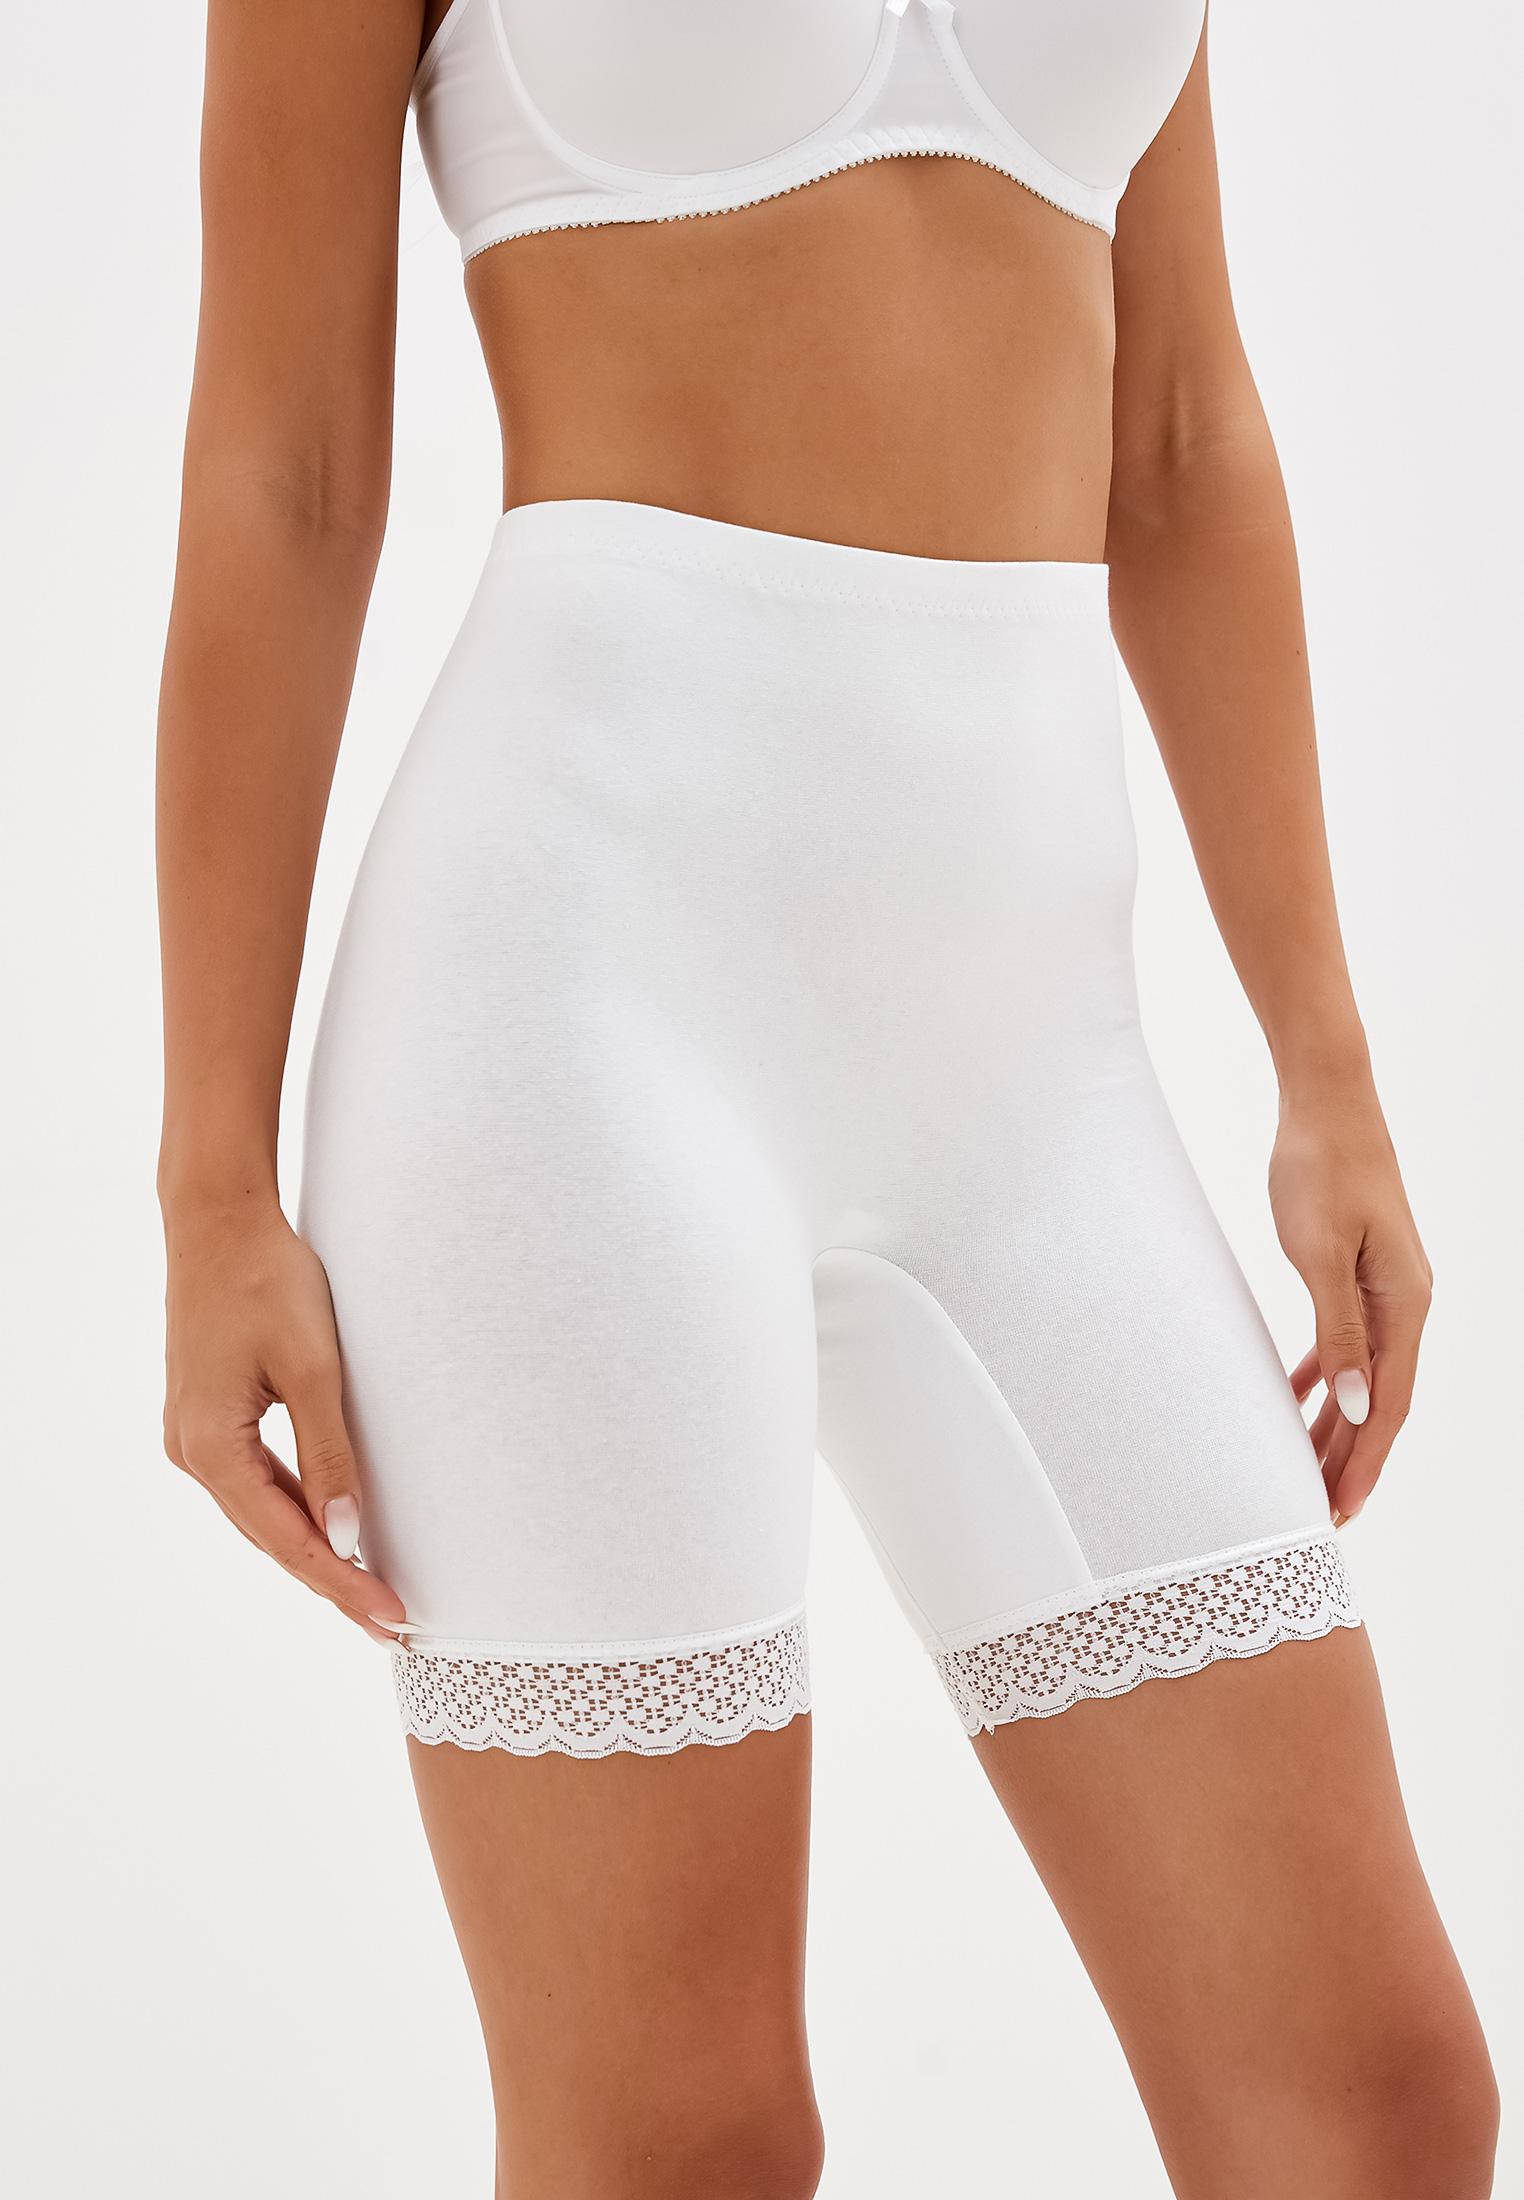 Панталоны женские НОВОЕ ВРЕМЯ T014 белые 52 RU